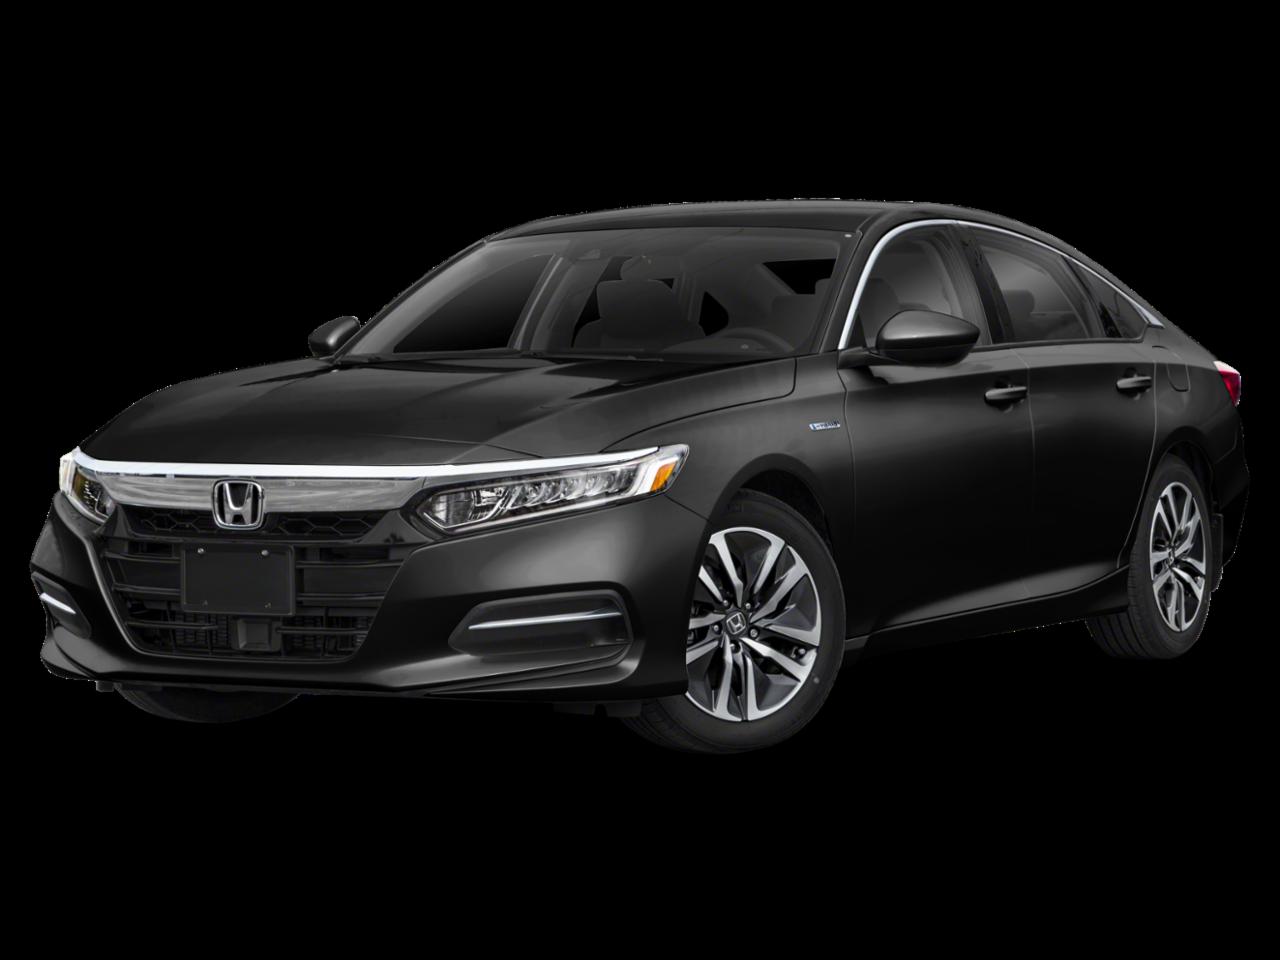 2020 Honda Accord Hybrid Base (CVT) Sedan